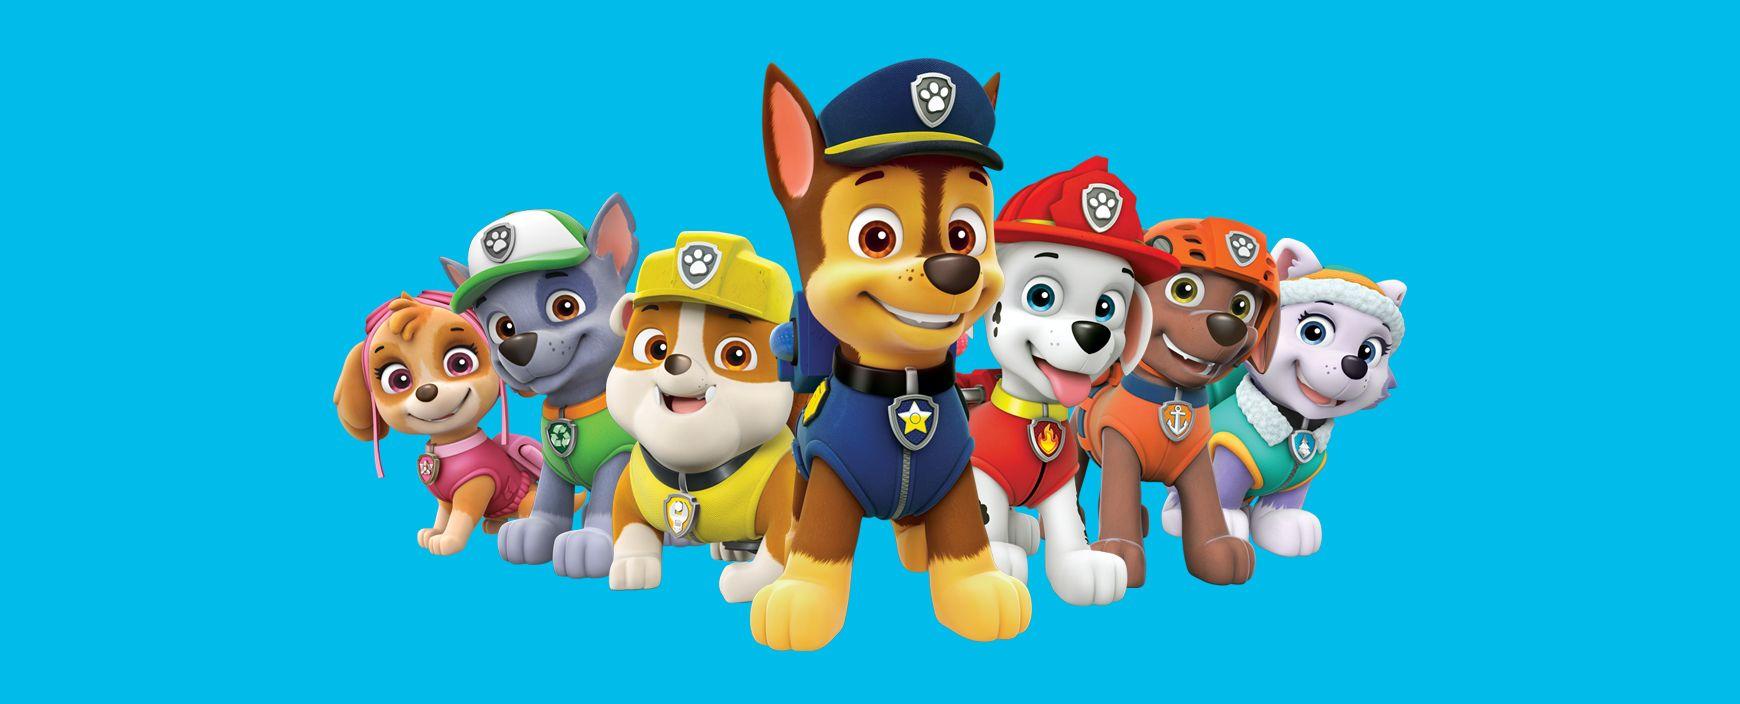 Che cani sono i paw patrol cuccioli di razze diverse